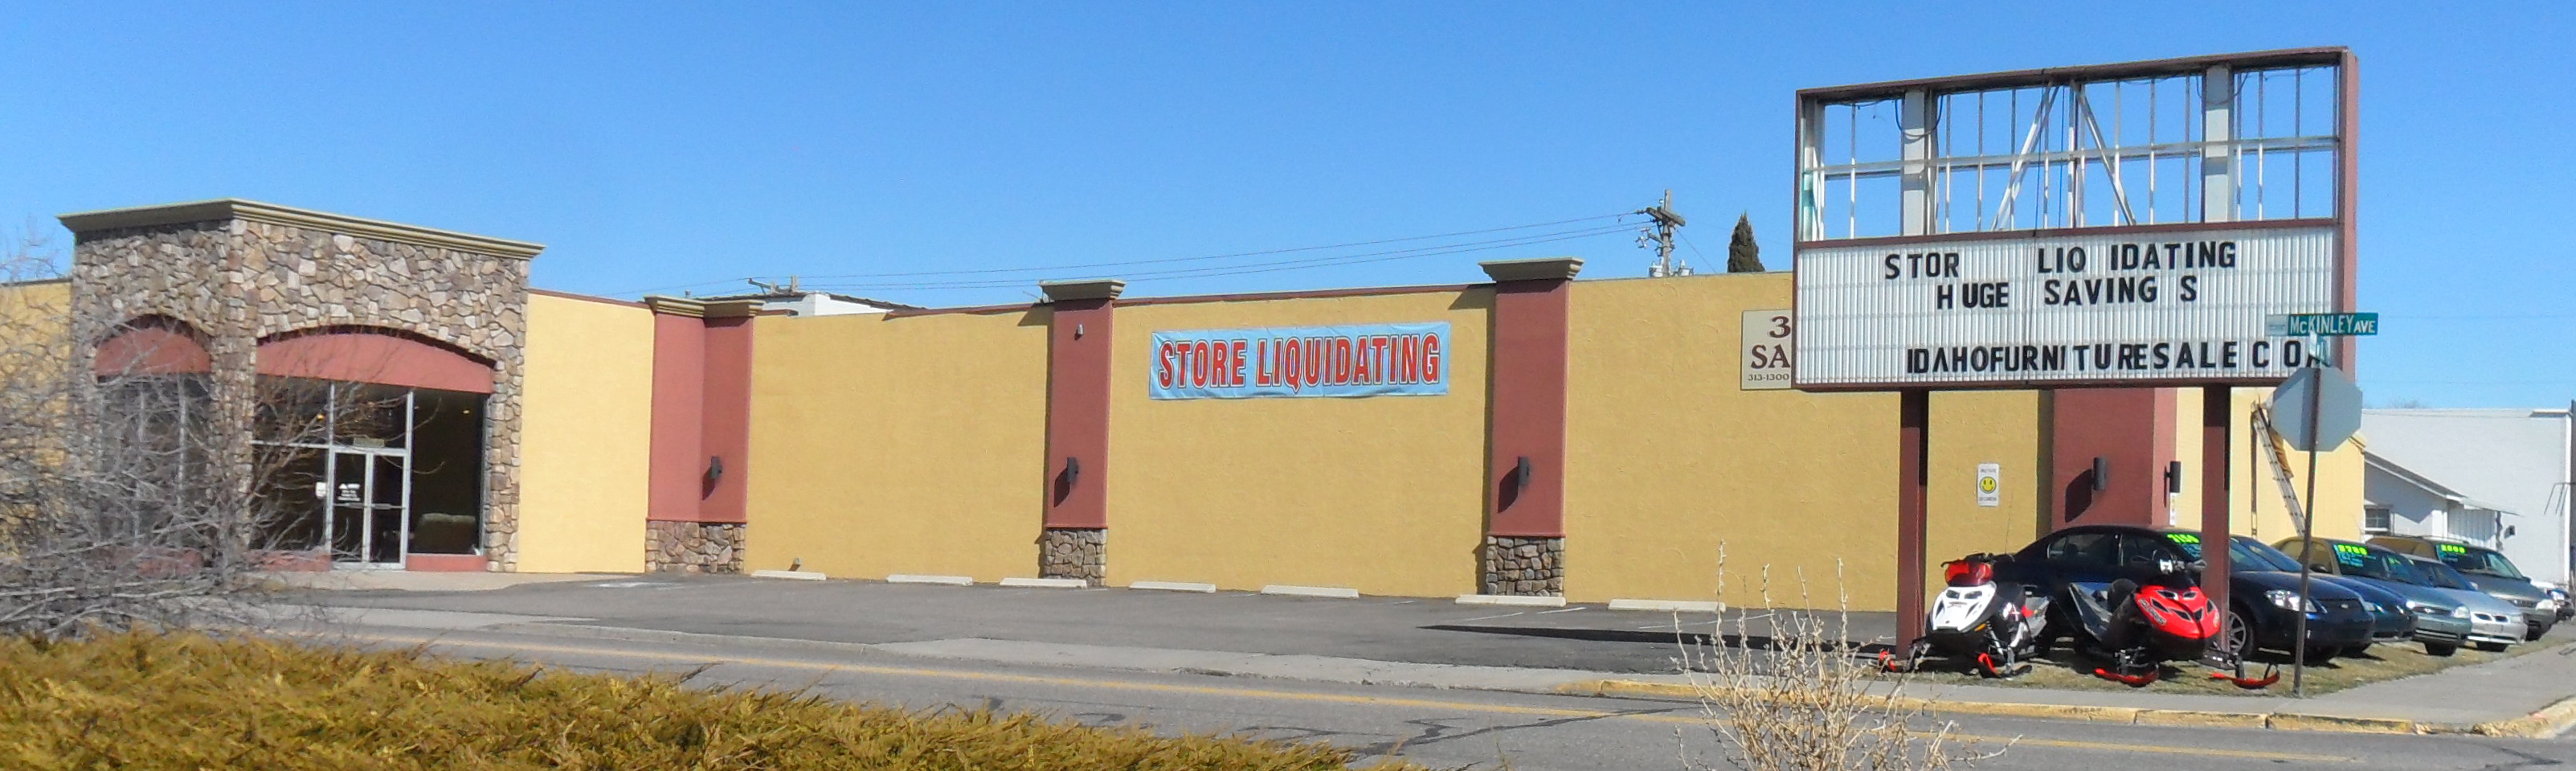 More Economic Decline Ashley Furniture Shuts Down Liquidation Center In Pocatello So Much For